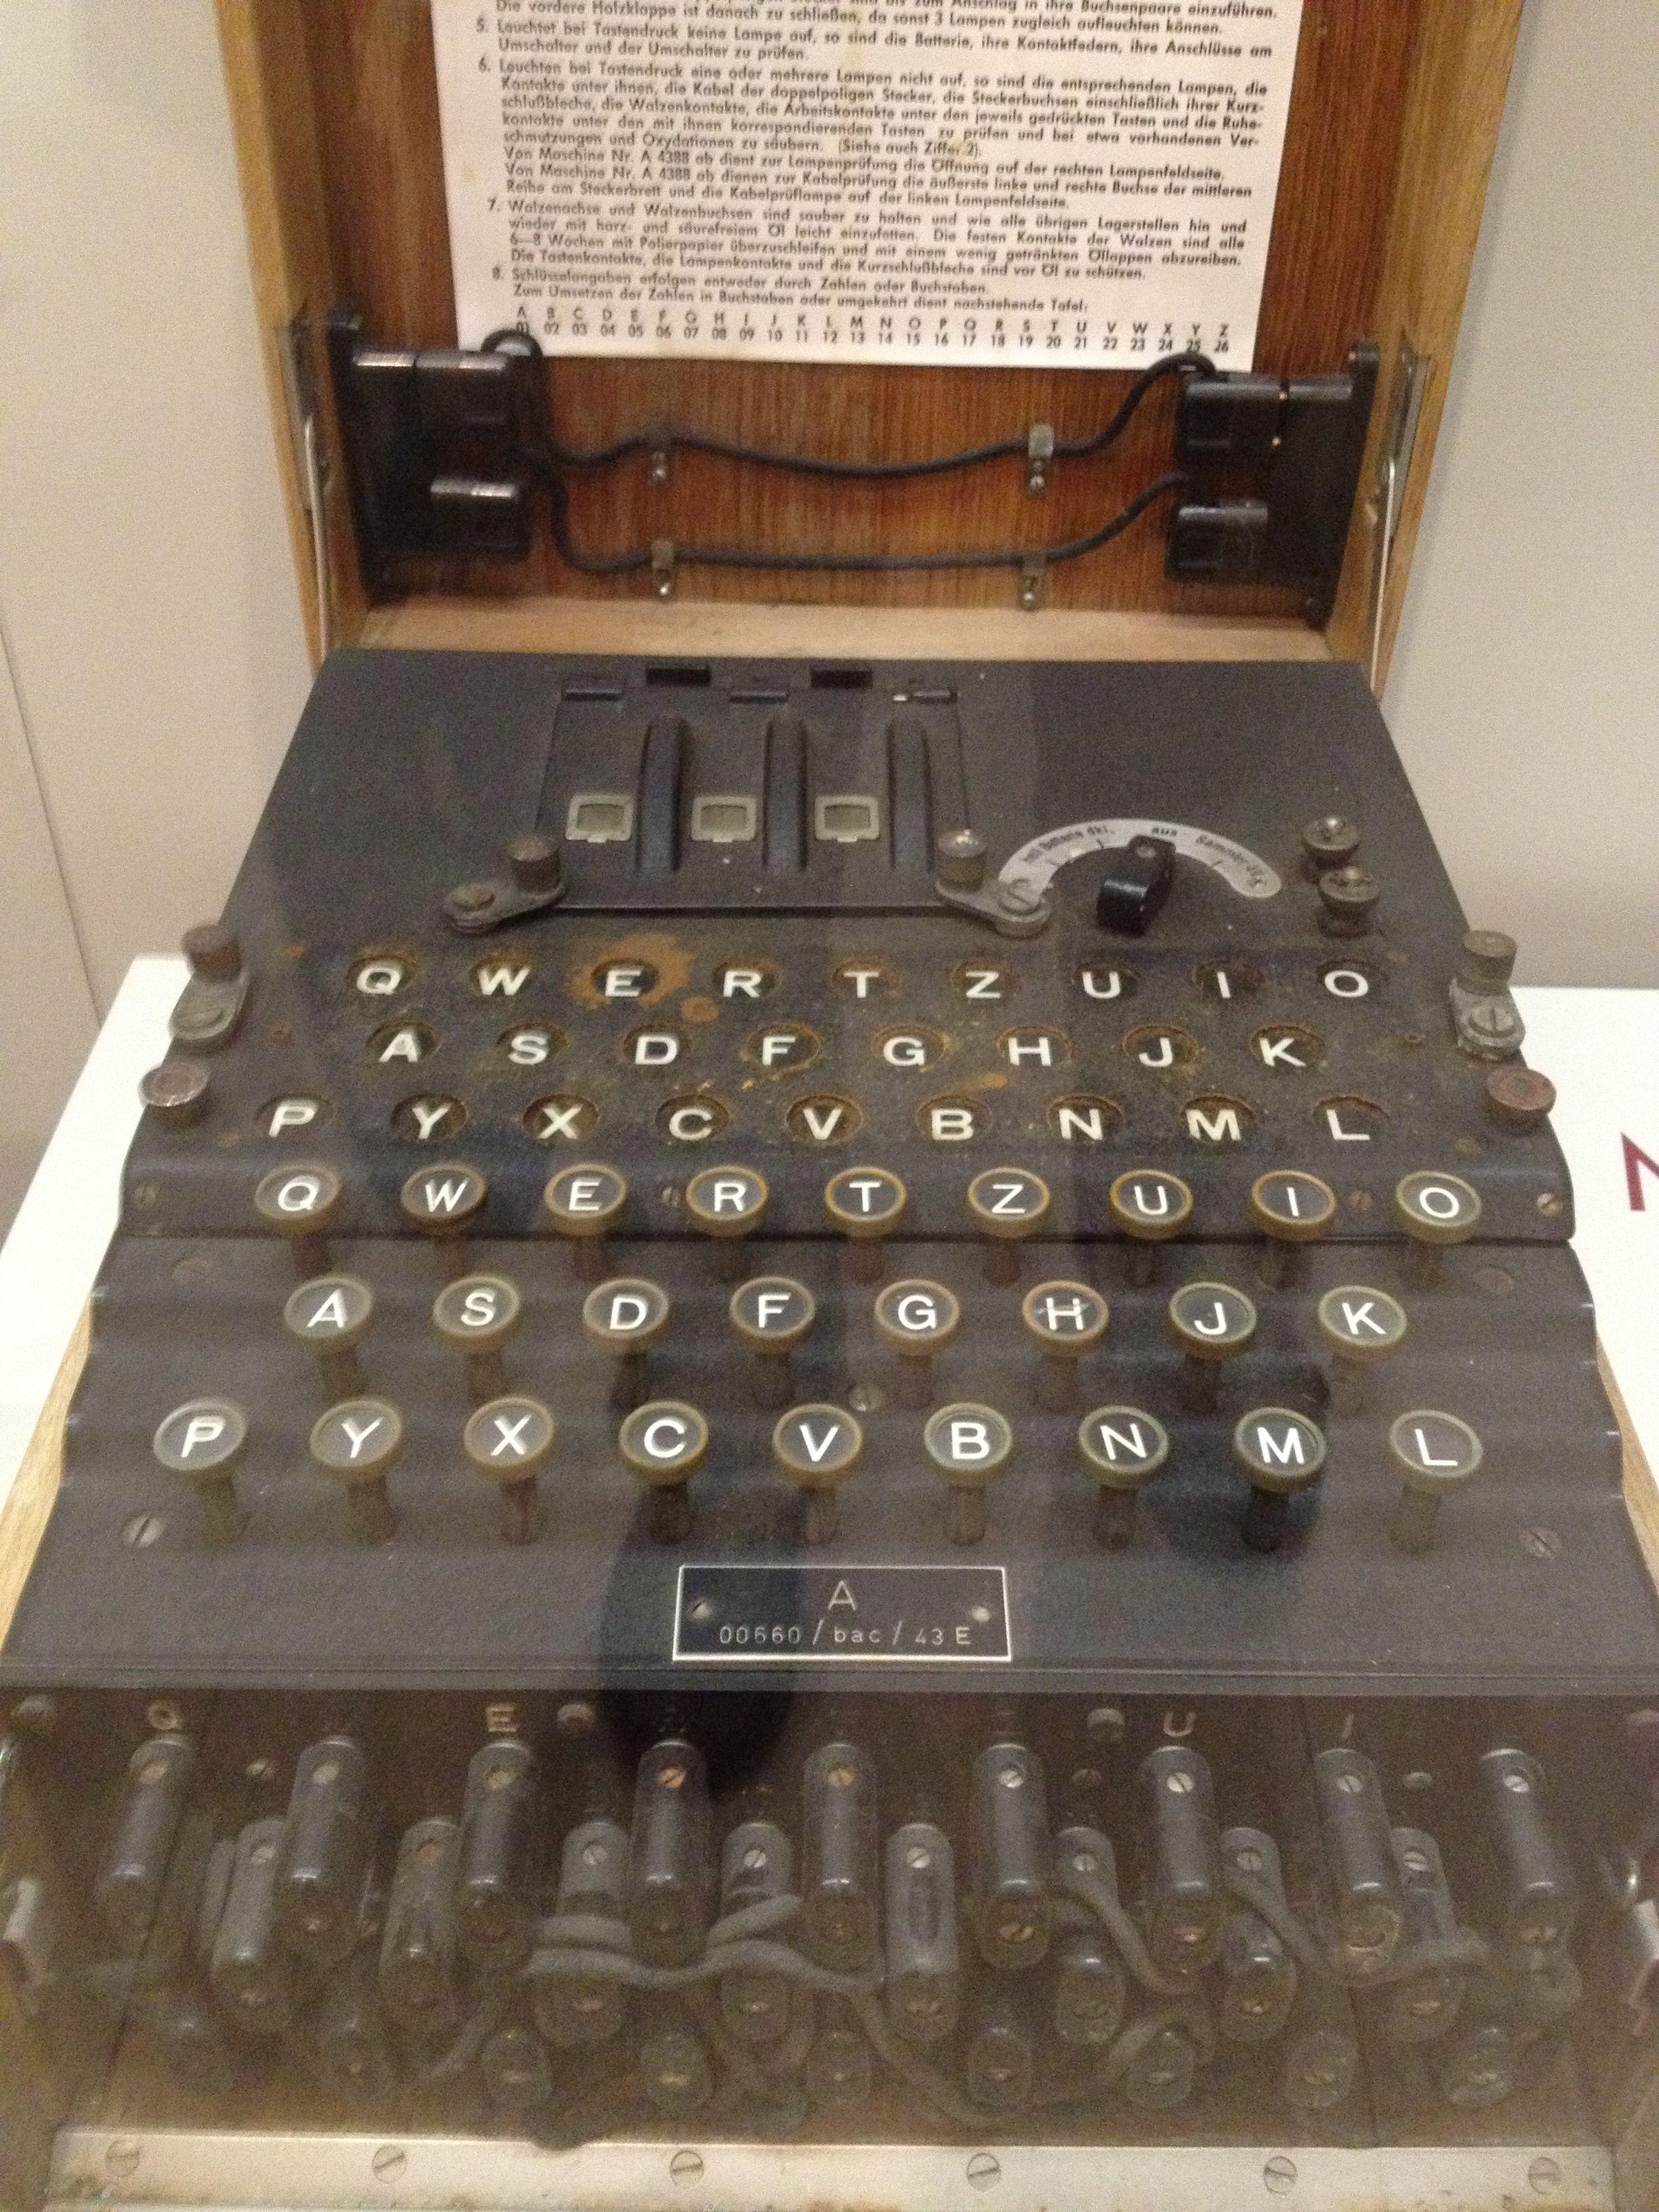 Cette machine, encastrée dans une boîte en bois transportable, pouvait envoyer des messages de différents lieux via une connexion électrique. Elle a notamment été transportée dans les U-Boot dans une version légèrement différente. Dès le début de la Guerre, une vaste entreprise alliée a lieu pour déchiffrer les codes. Installés en Angleterre, 12000 scientifiques y ont travaillé, dont Alan Turing, qui conçu le premier calculateur universel programmable, connu sous le nom de machine de Turing.